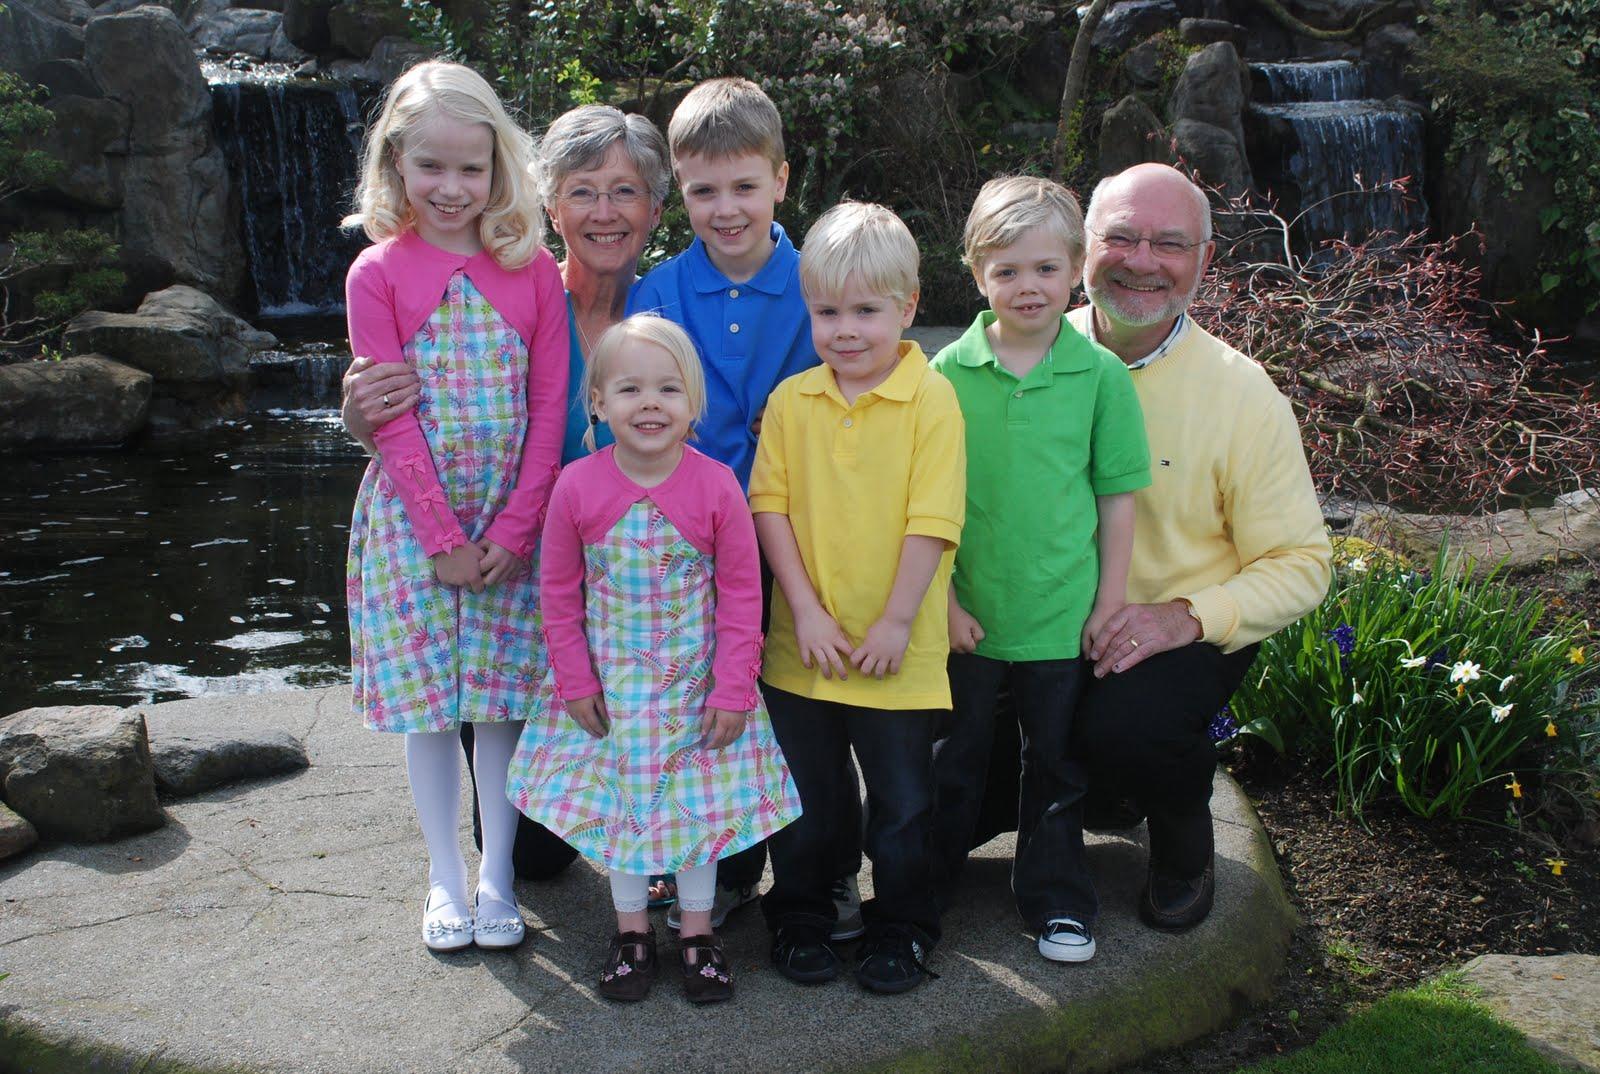 RETIREMENT MEMOIRS Easter Sunday Special Family Dinner